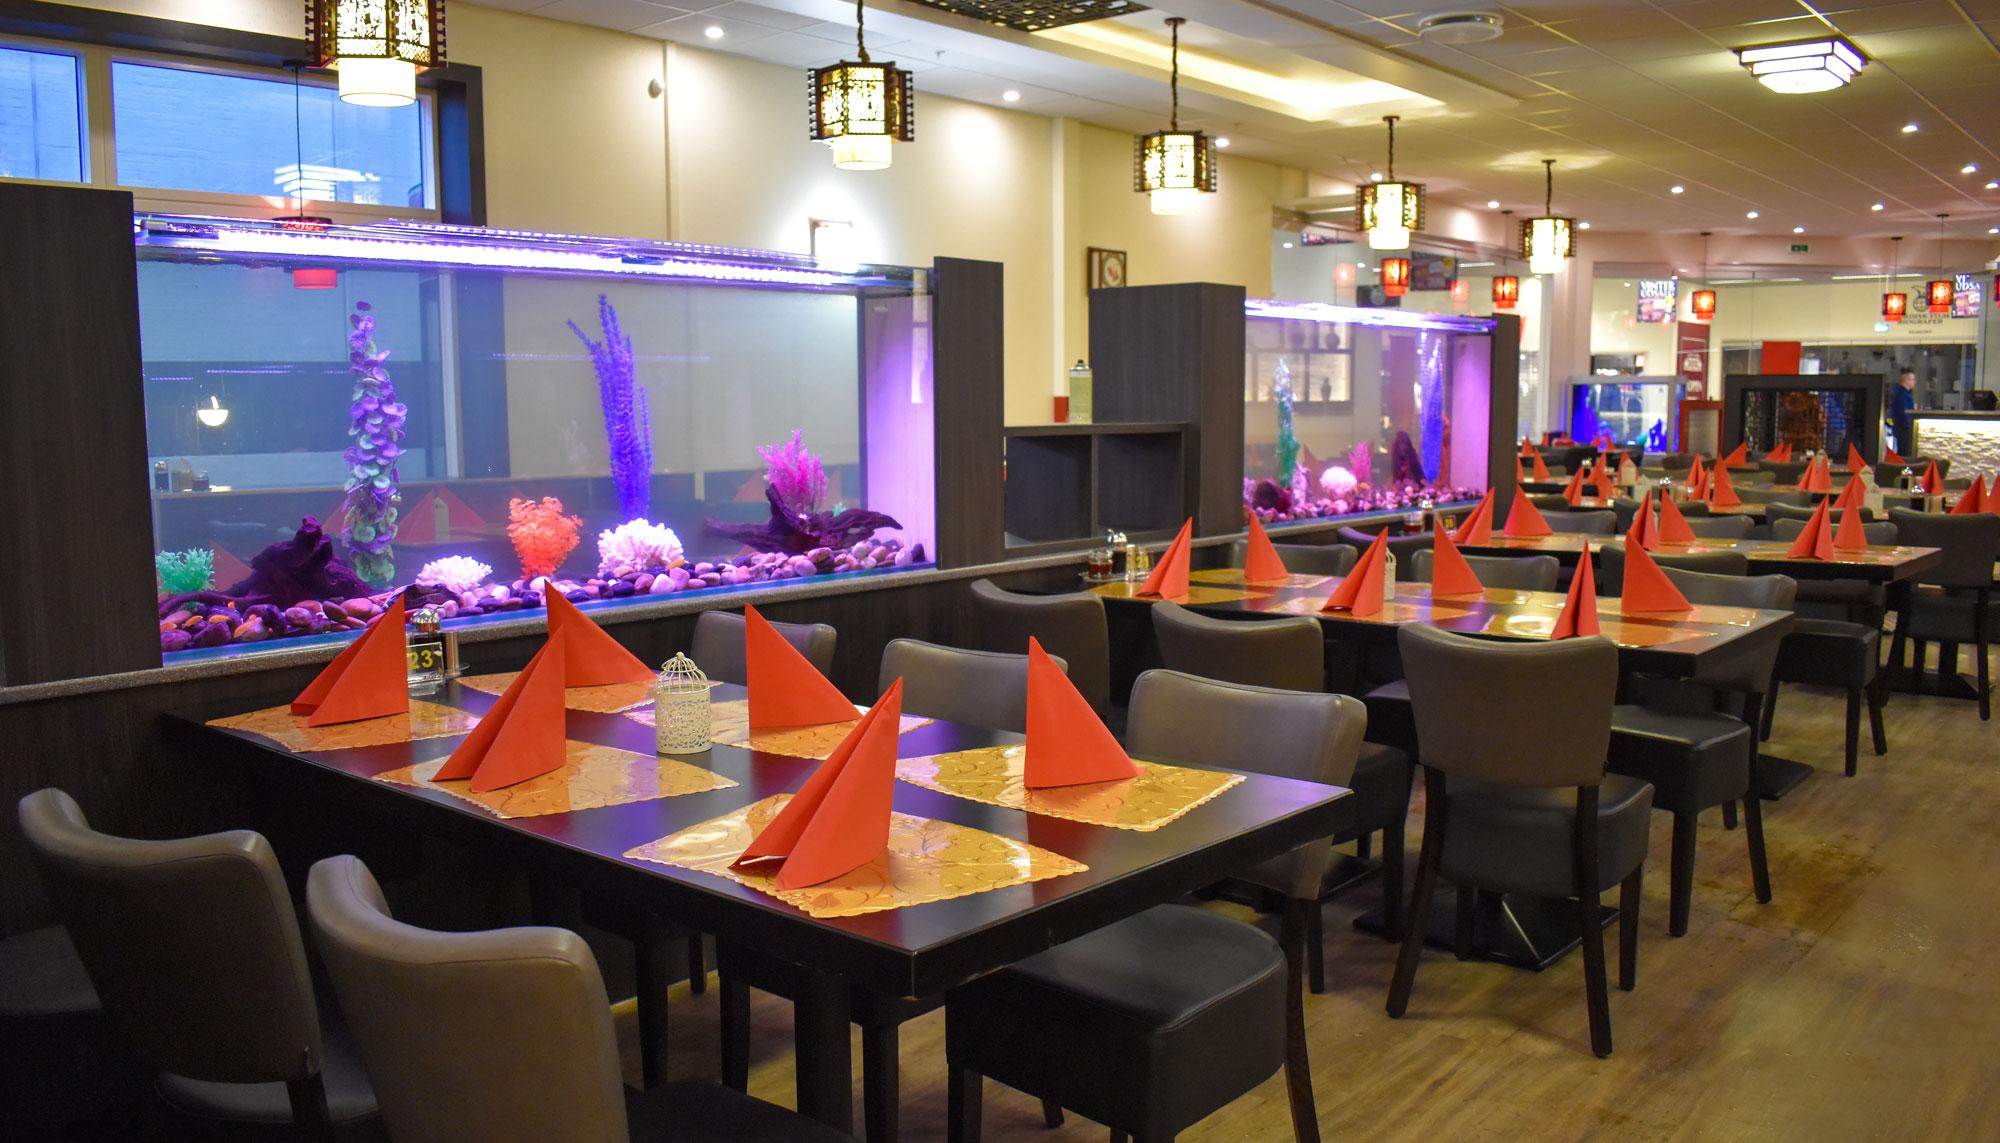 Kører med stærkt åbningstilbud: Kæmpe kinesisk restaurant åbner onsdag